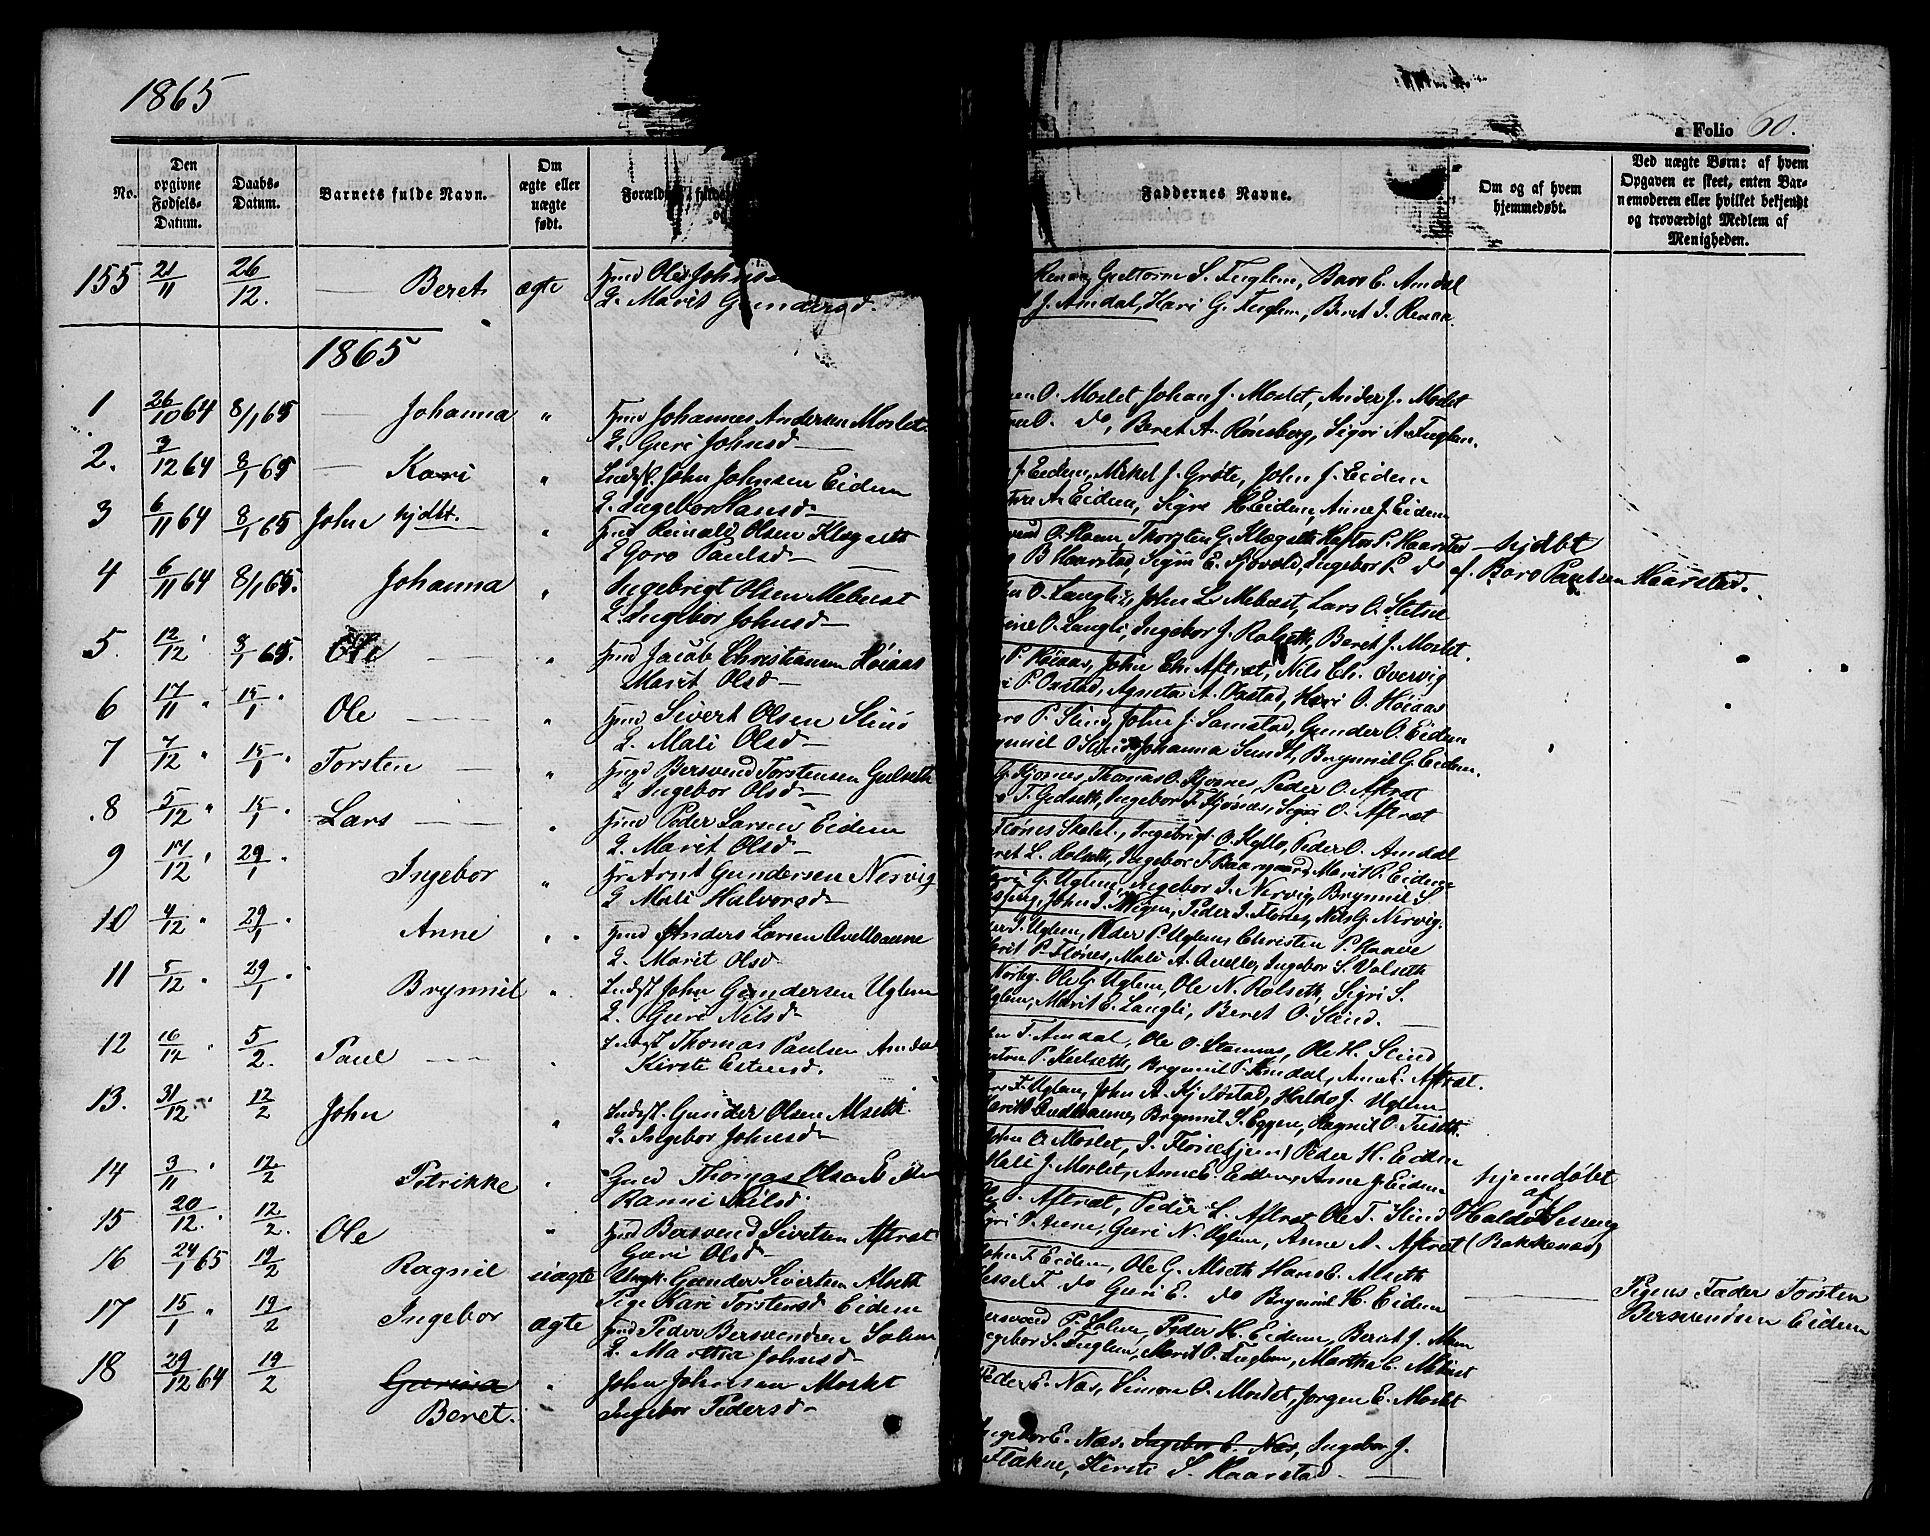 SAT, Ministerialprotokoller, klokkerbøker og fødselsregistre - Sør-Trøndelag, 695/L1155: Klokkerbok nr. 695C06, 1859-1868, s. 60